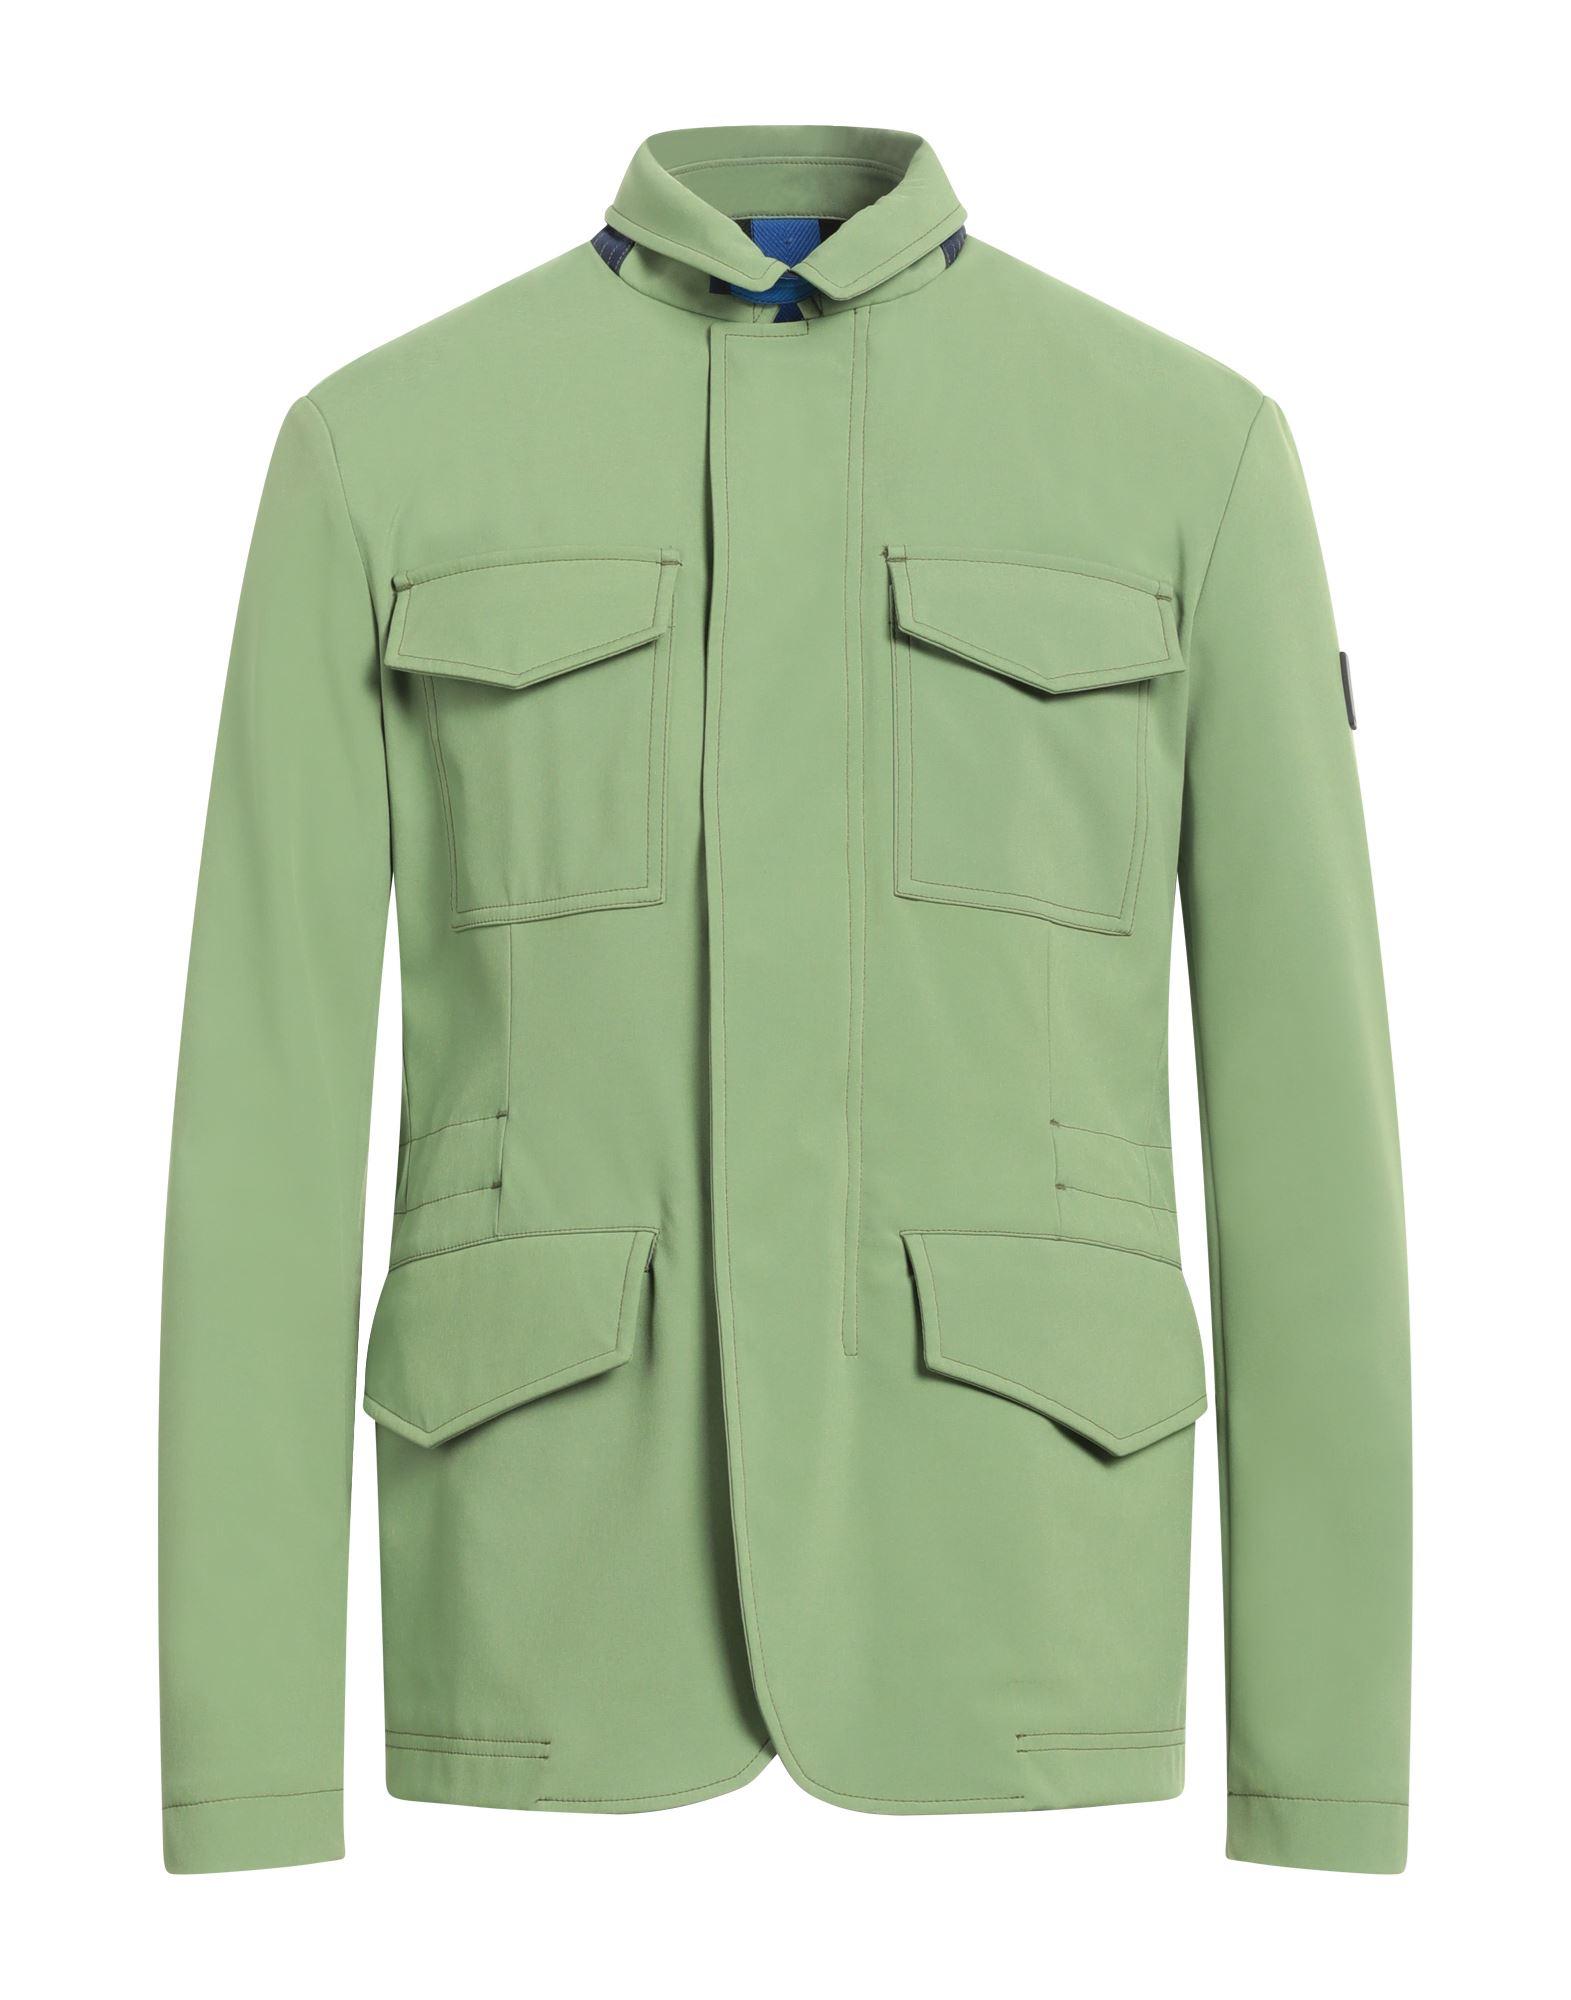 GEOSPIRIT Jackets in Green